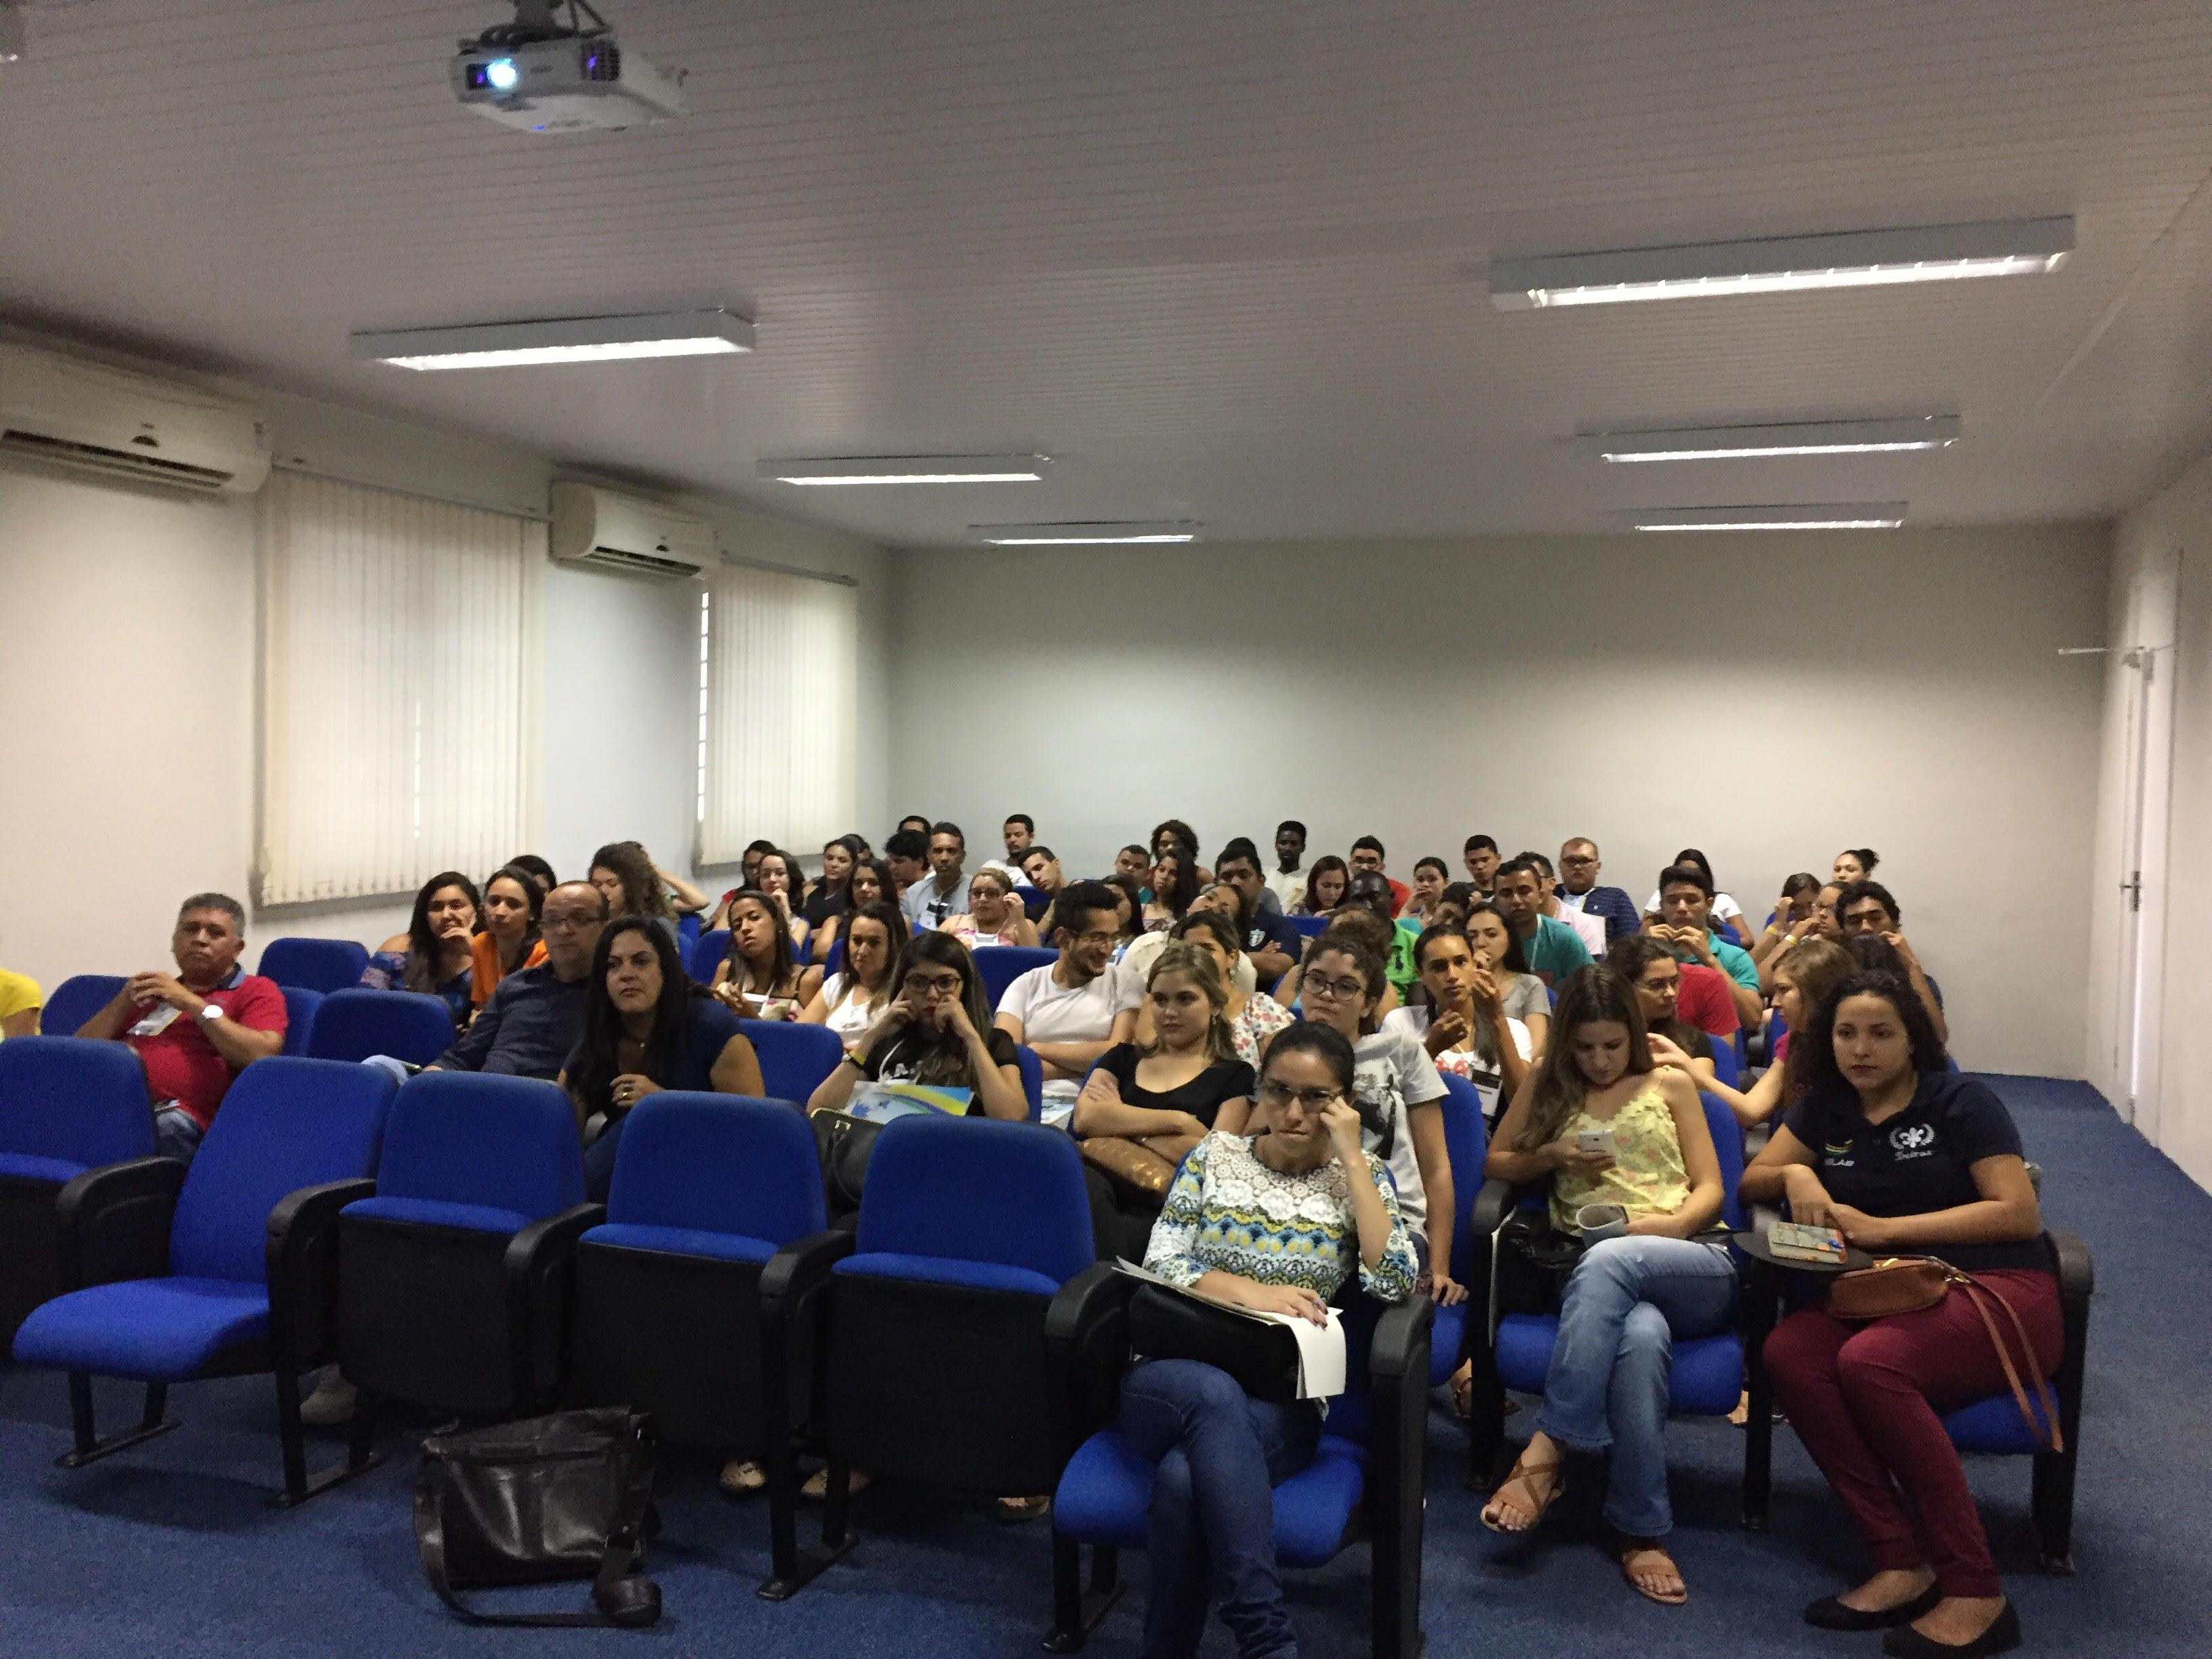 """Ajuda na redação: análise do tema """"Inclusão social em questão no Brasil""""."""